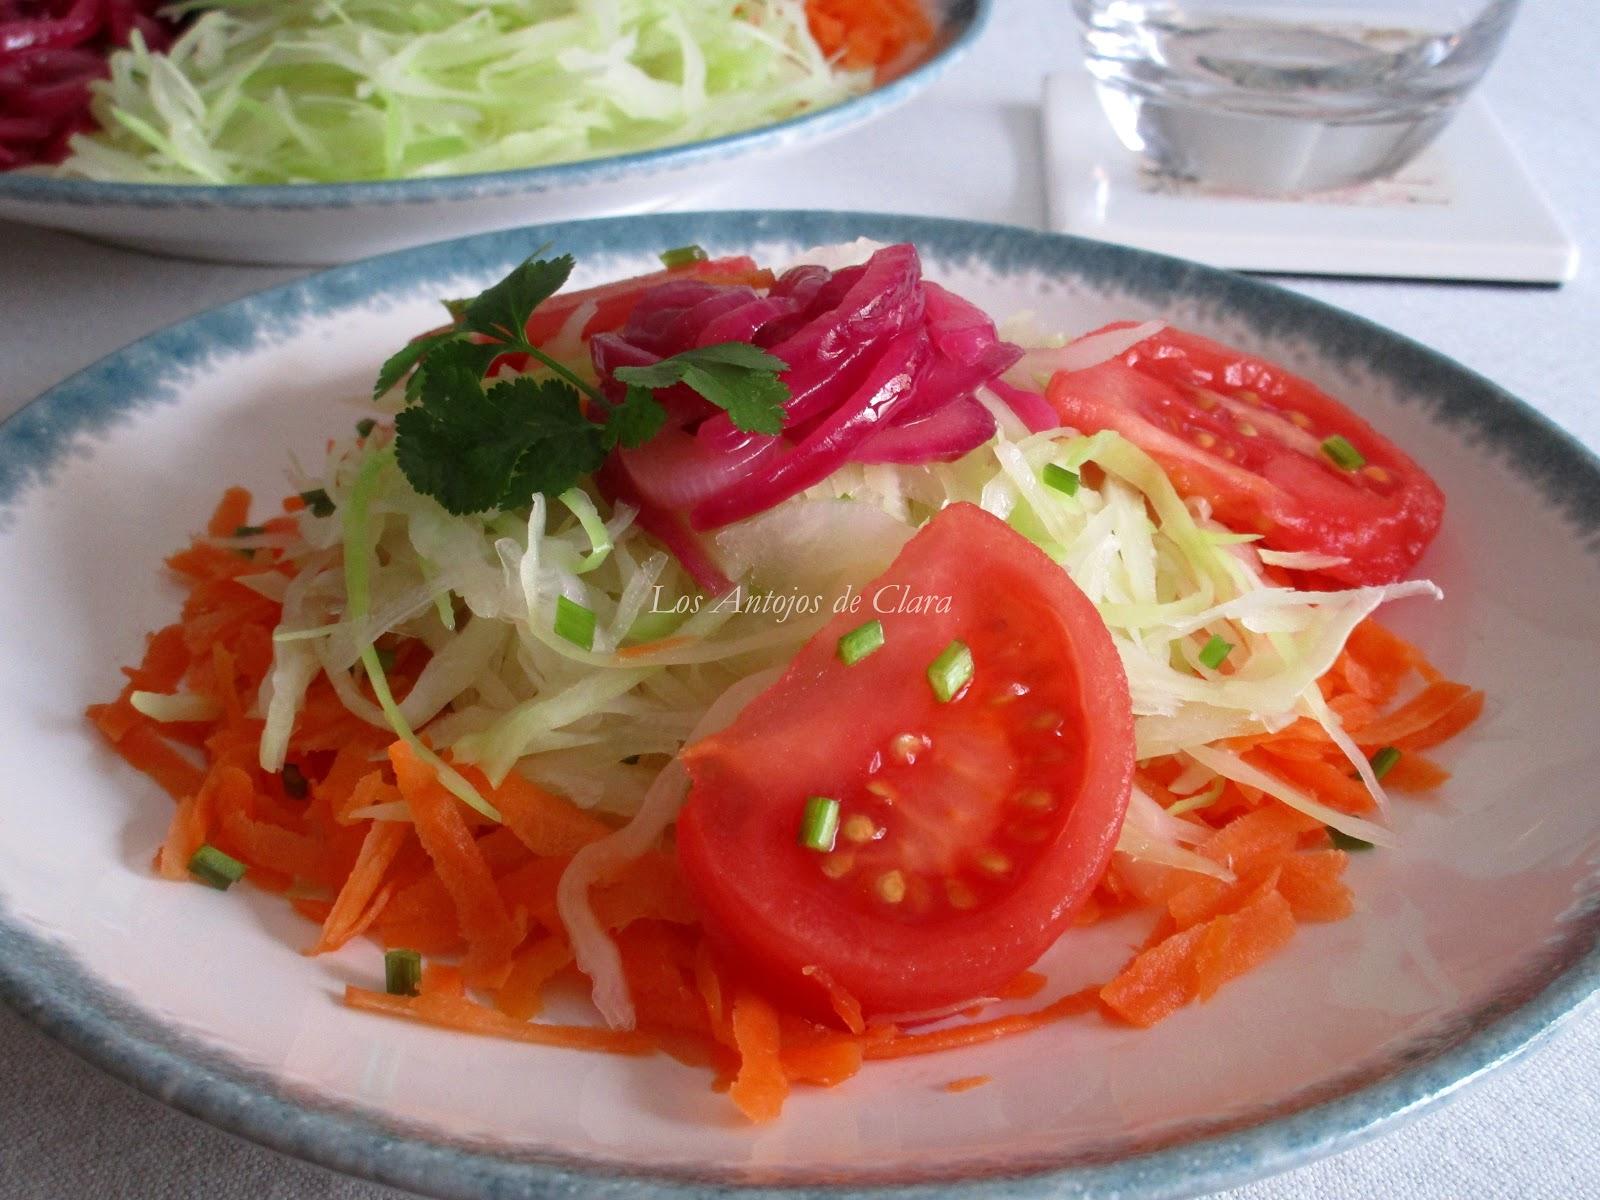 Los antojos de clara ensalada de repollo con zanahoria - Ensalada de apio y zanahoria ...